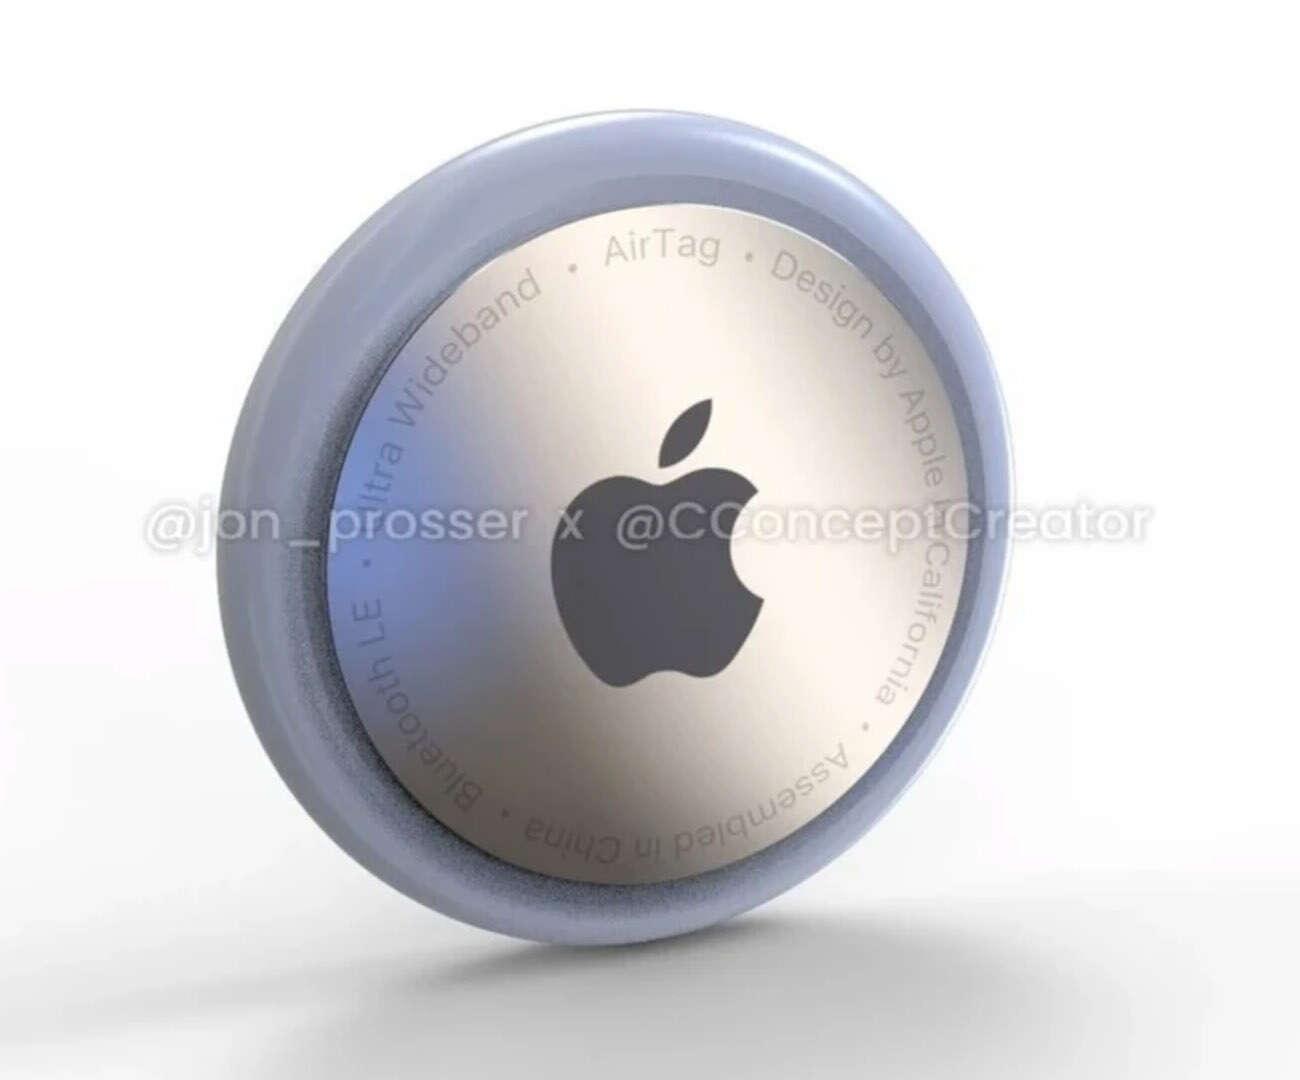 Apple znowu dodaje coś do systemu lub urządzenia, a potem tego nie używa